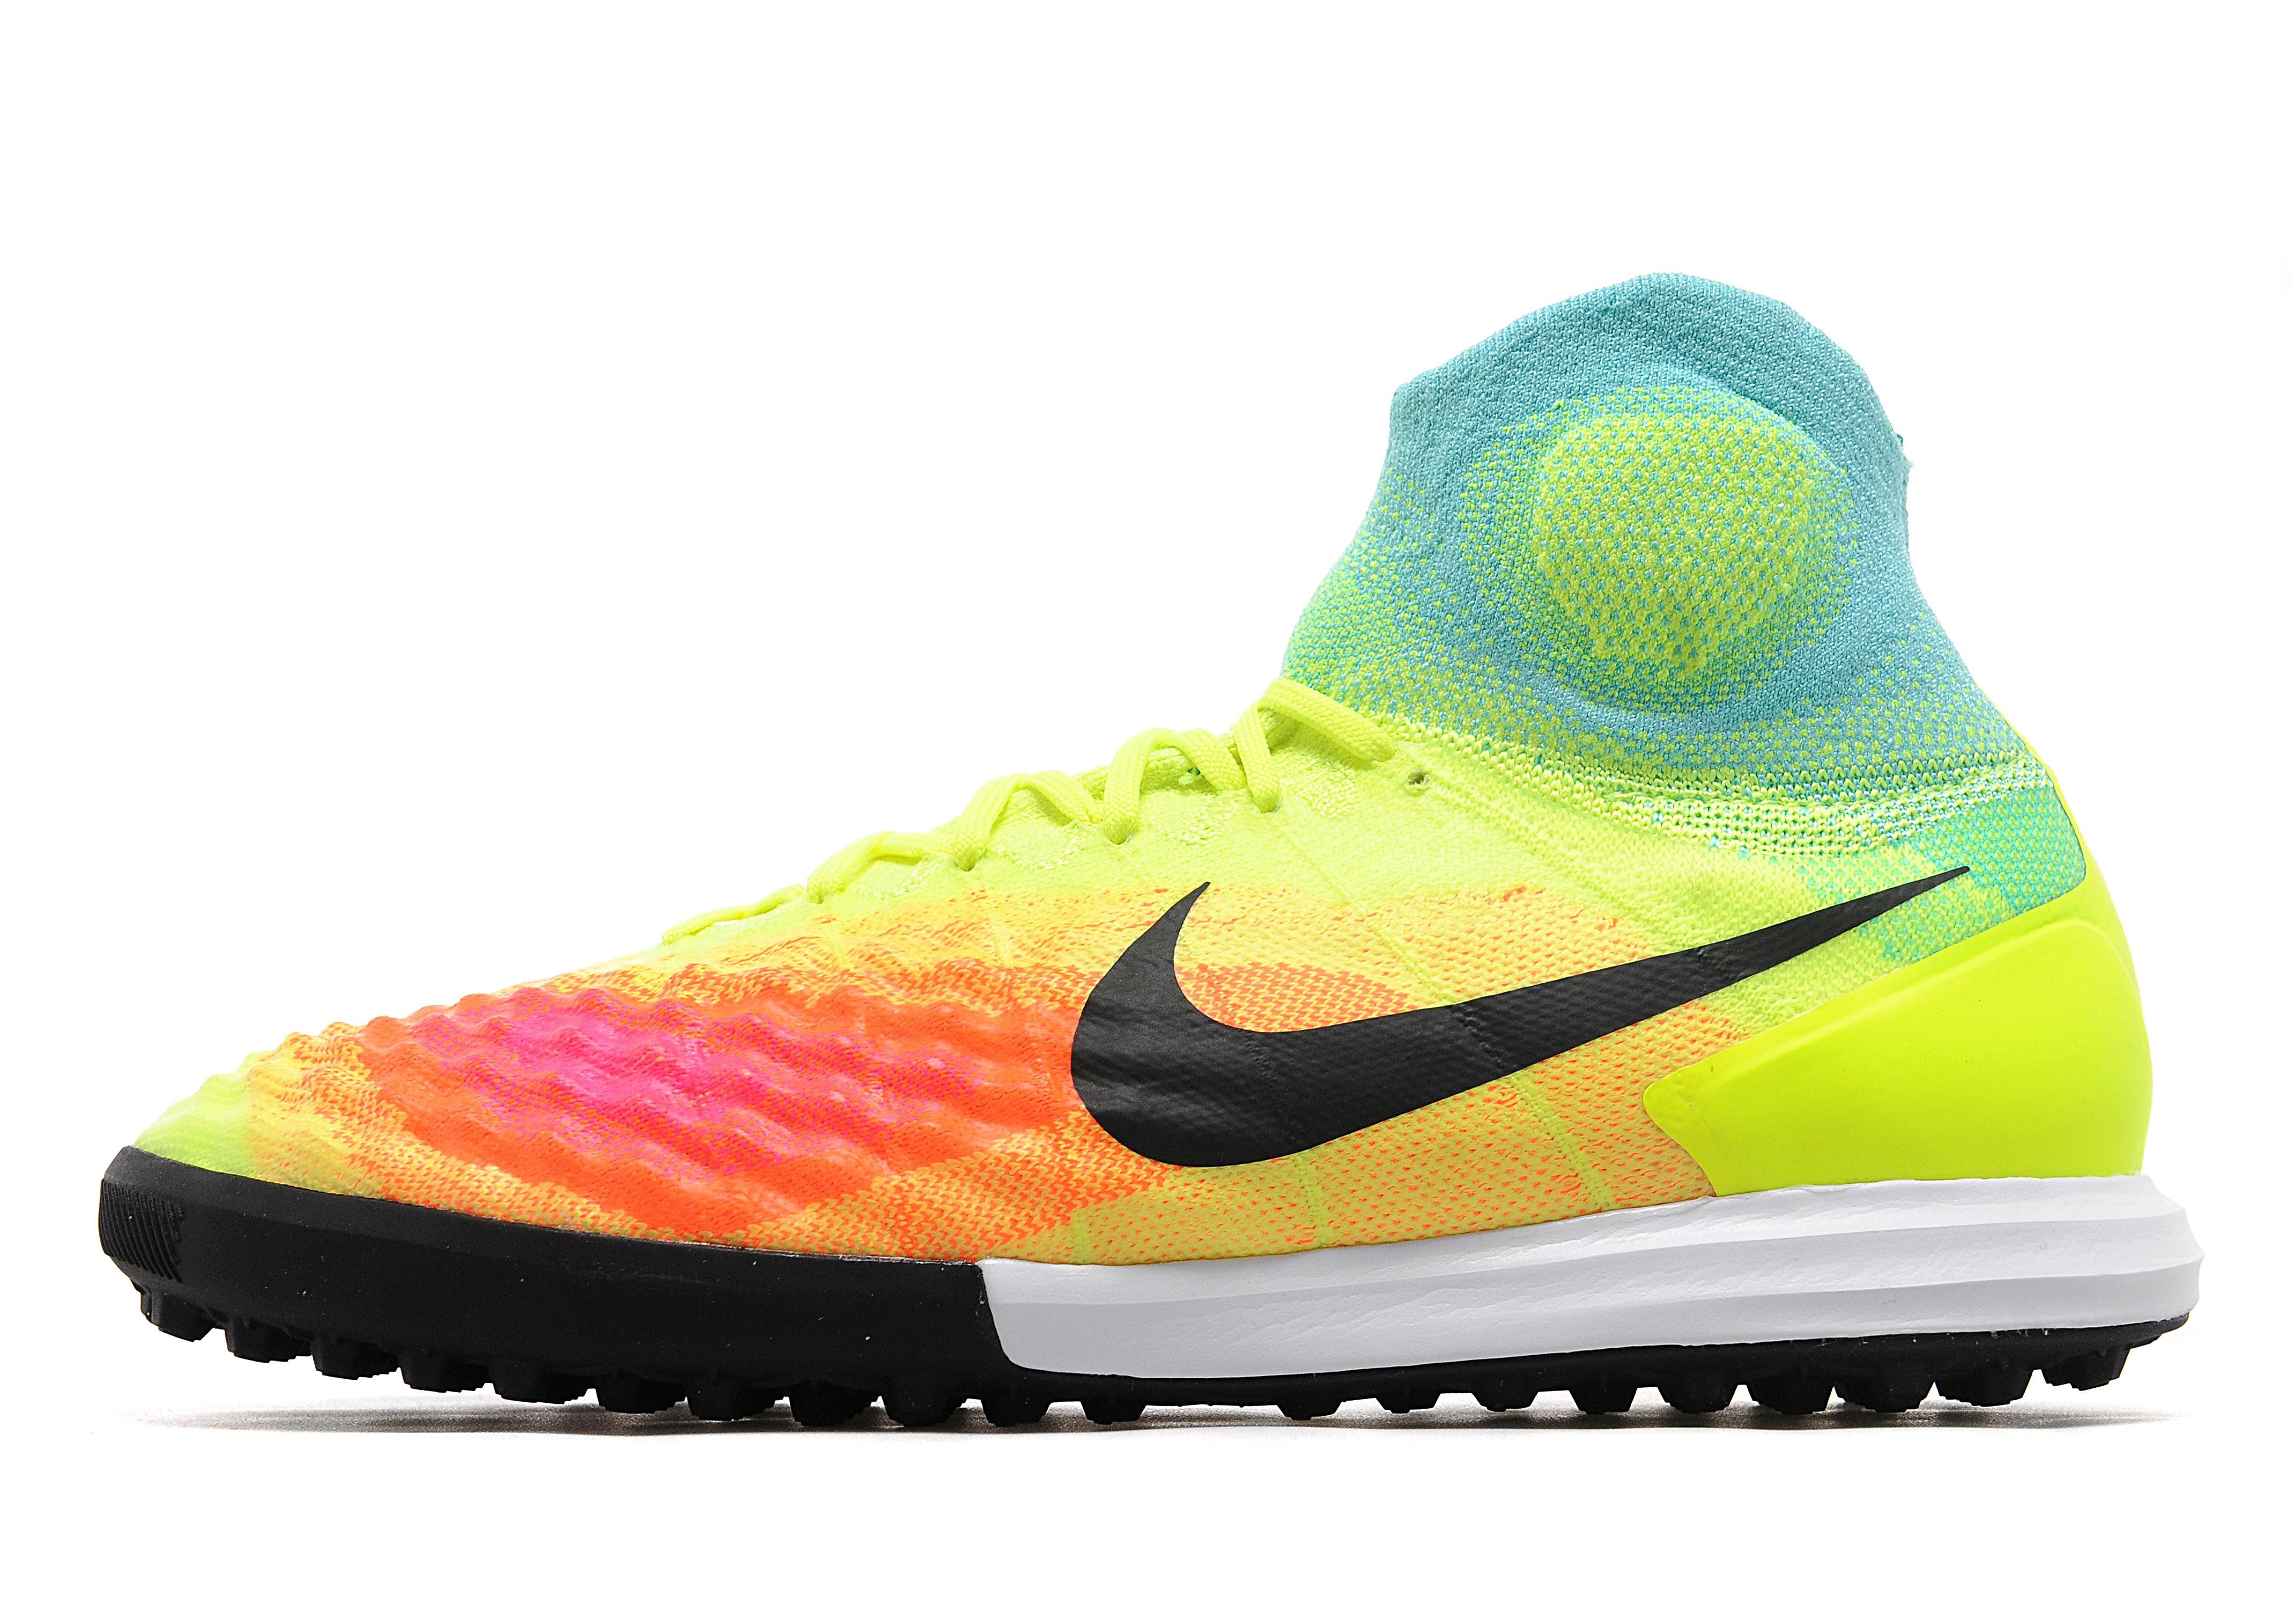 Nike MagistaX Proximo II Turf